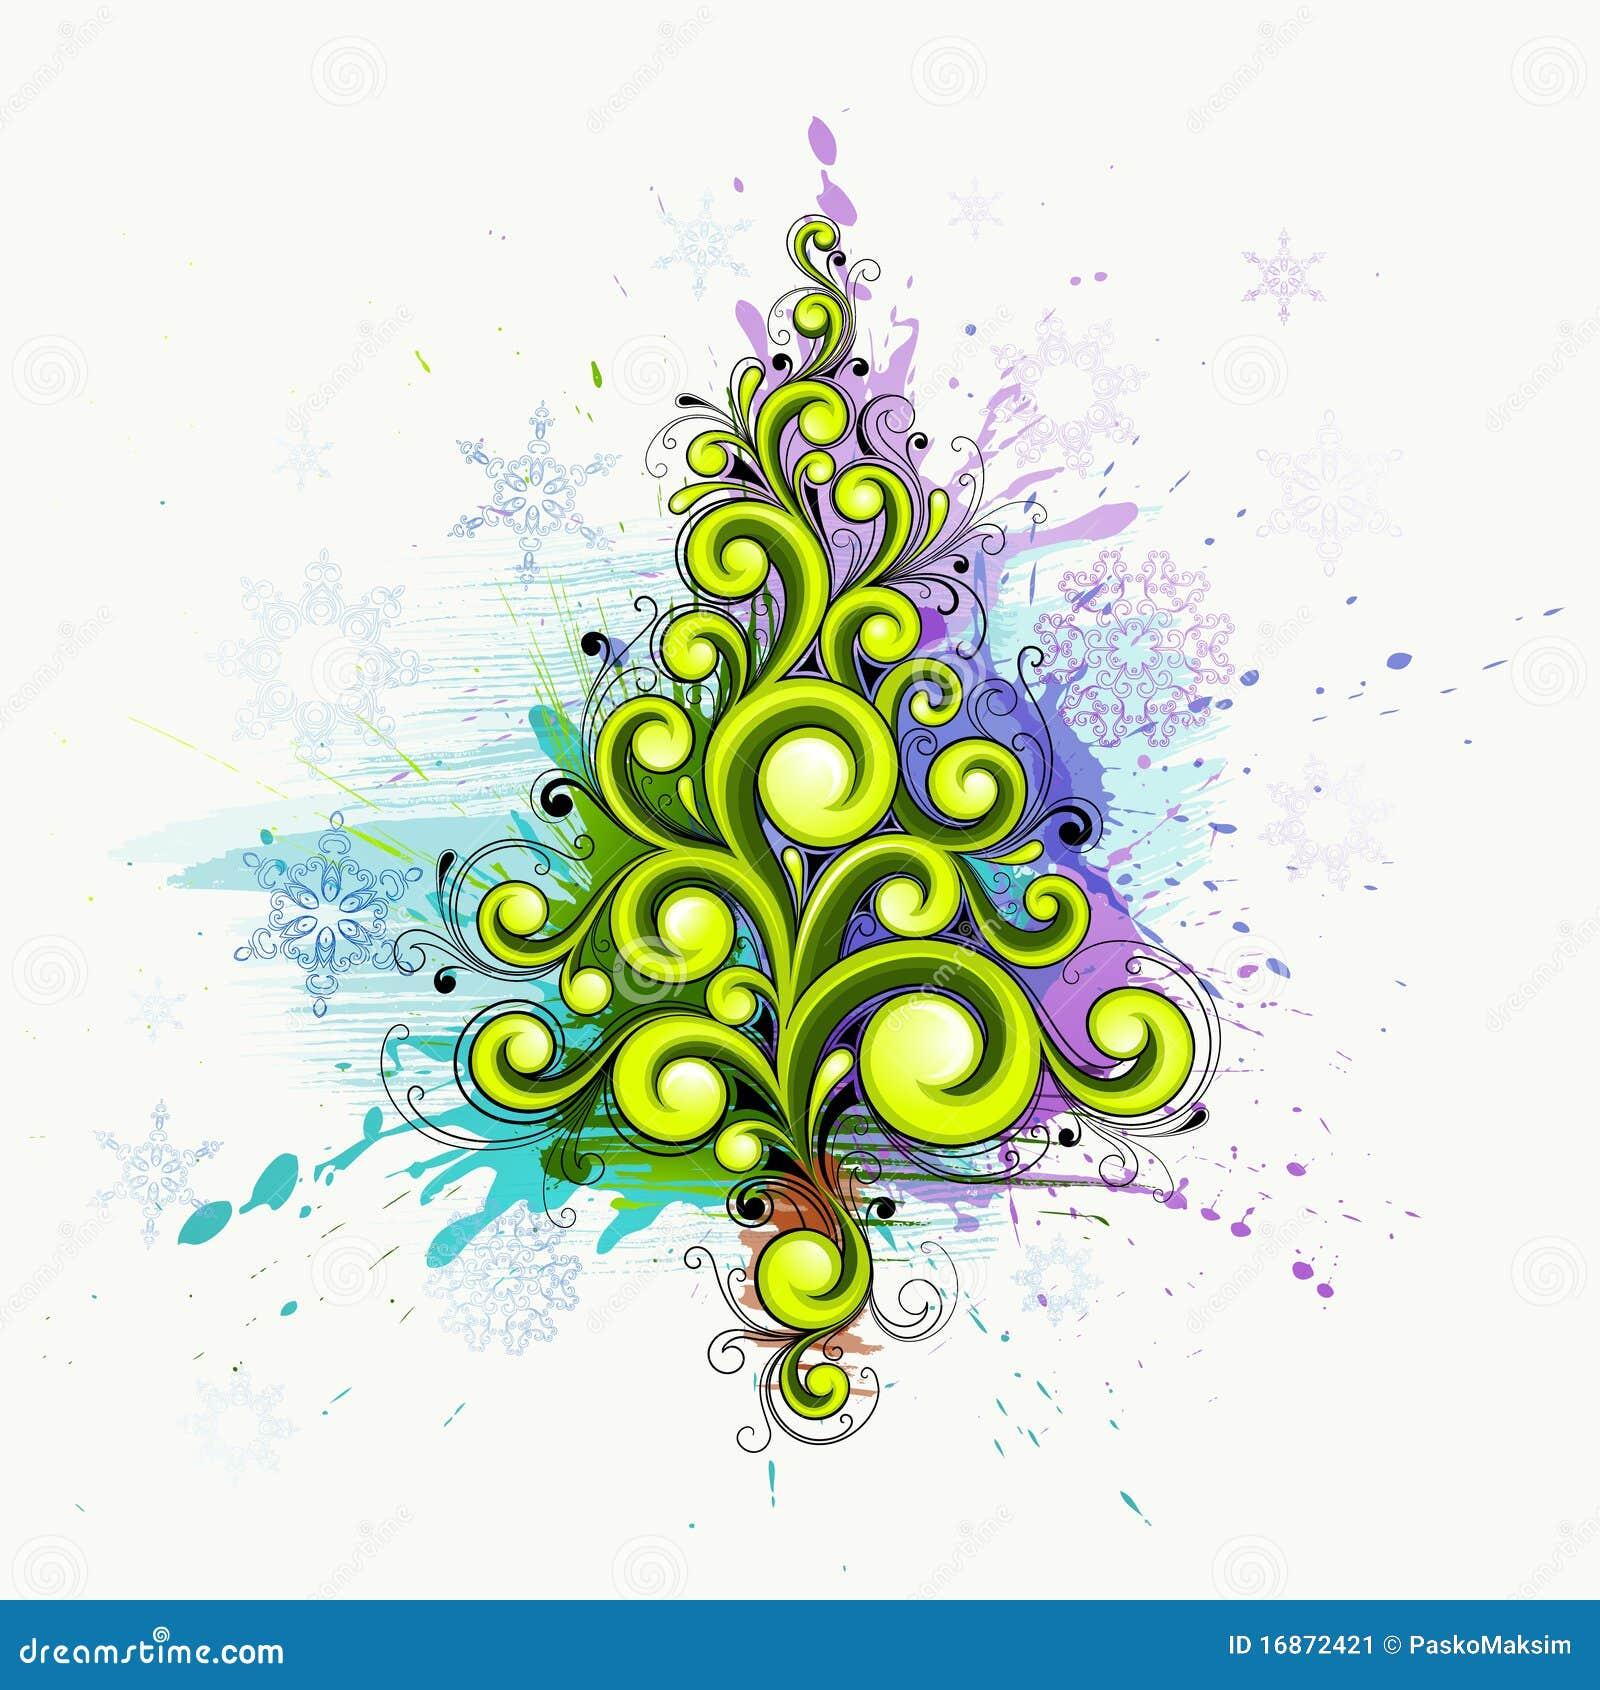 Abstract Christmas Tree Stock Image - Image: 16872421